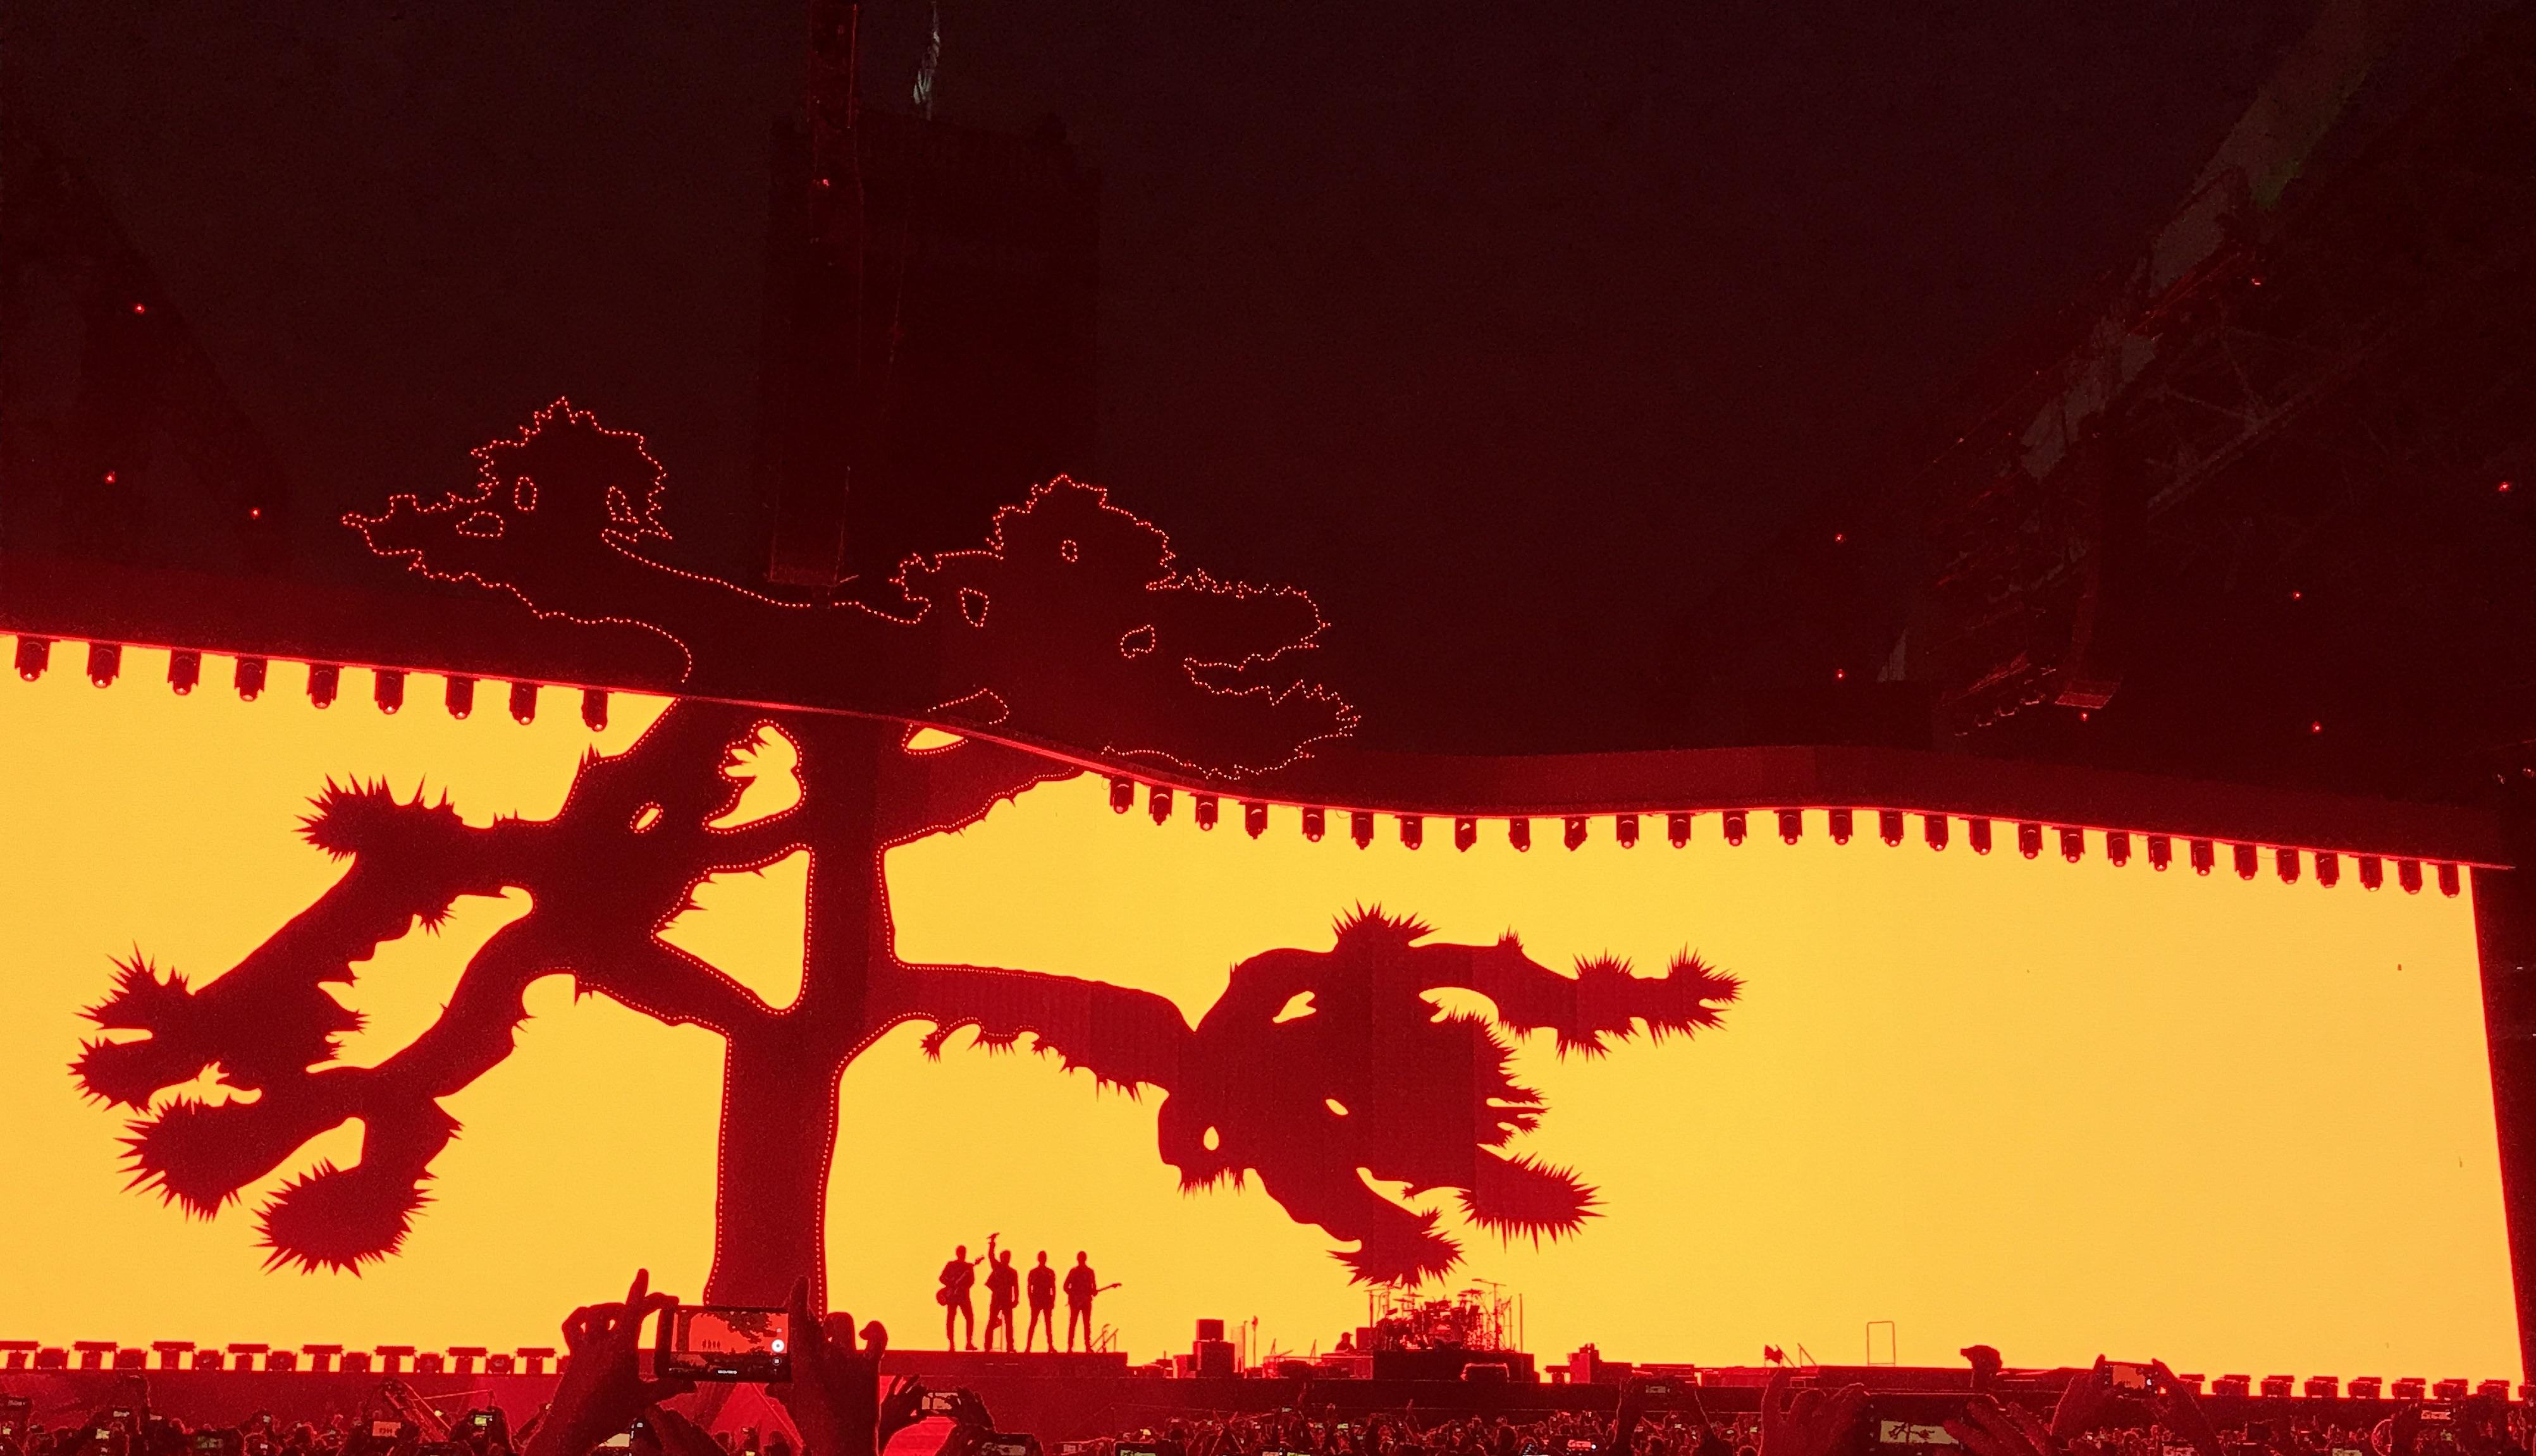 U2 returns to The Joshua Tree – Josh Valentine